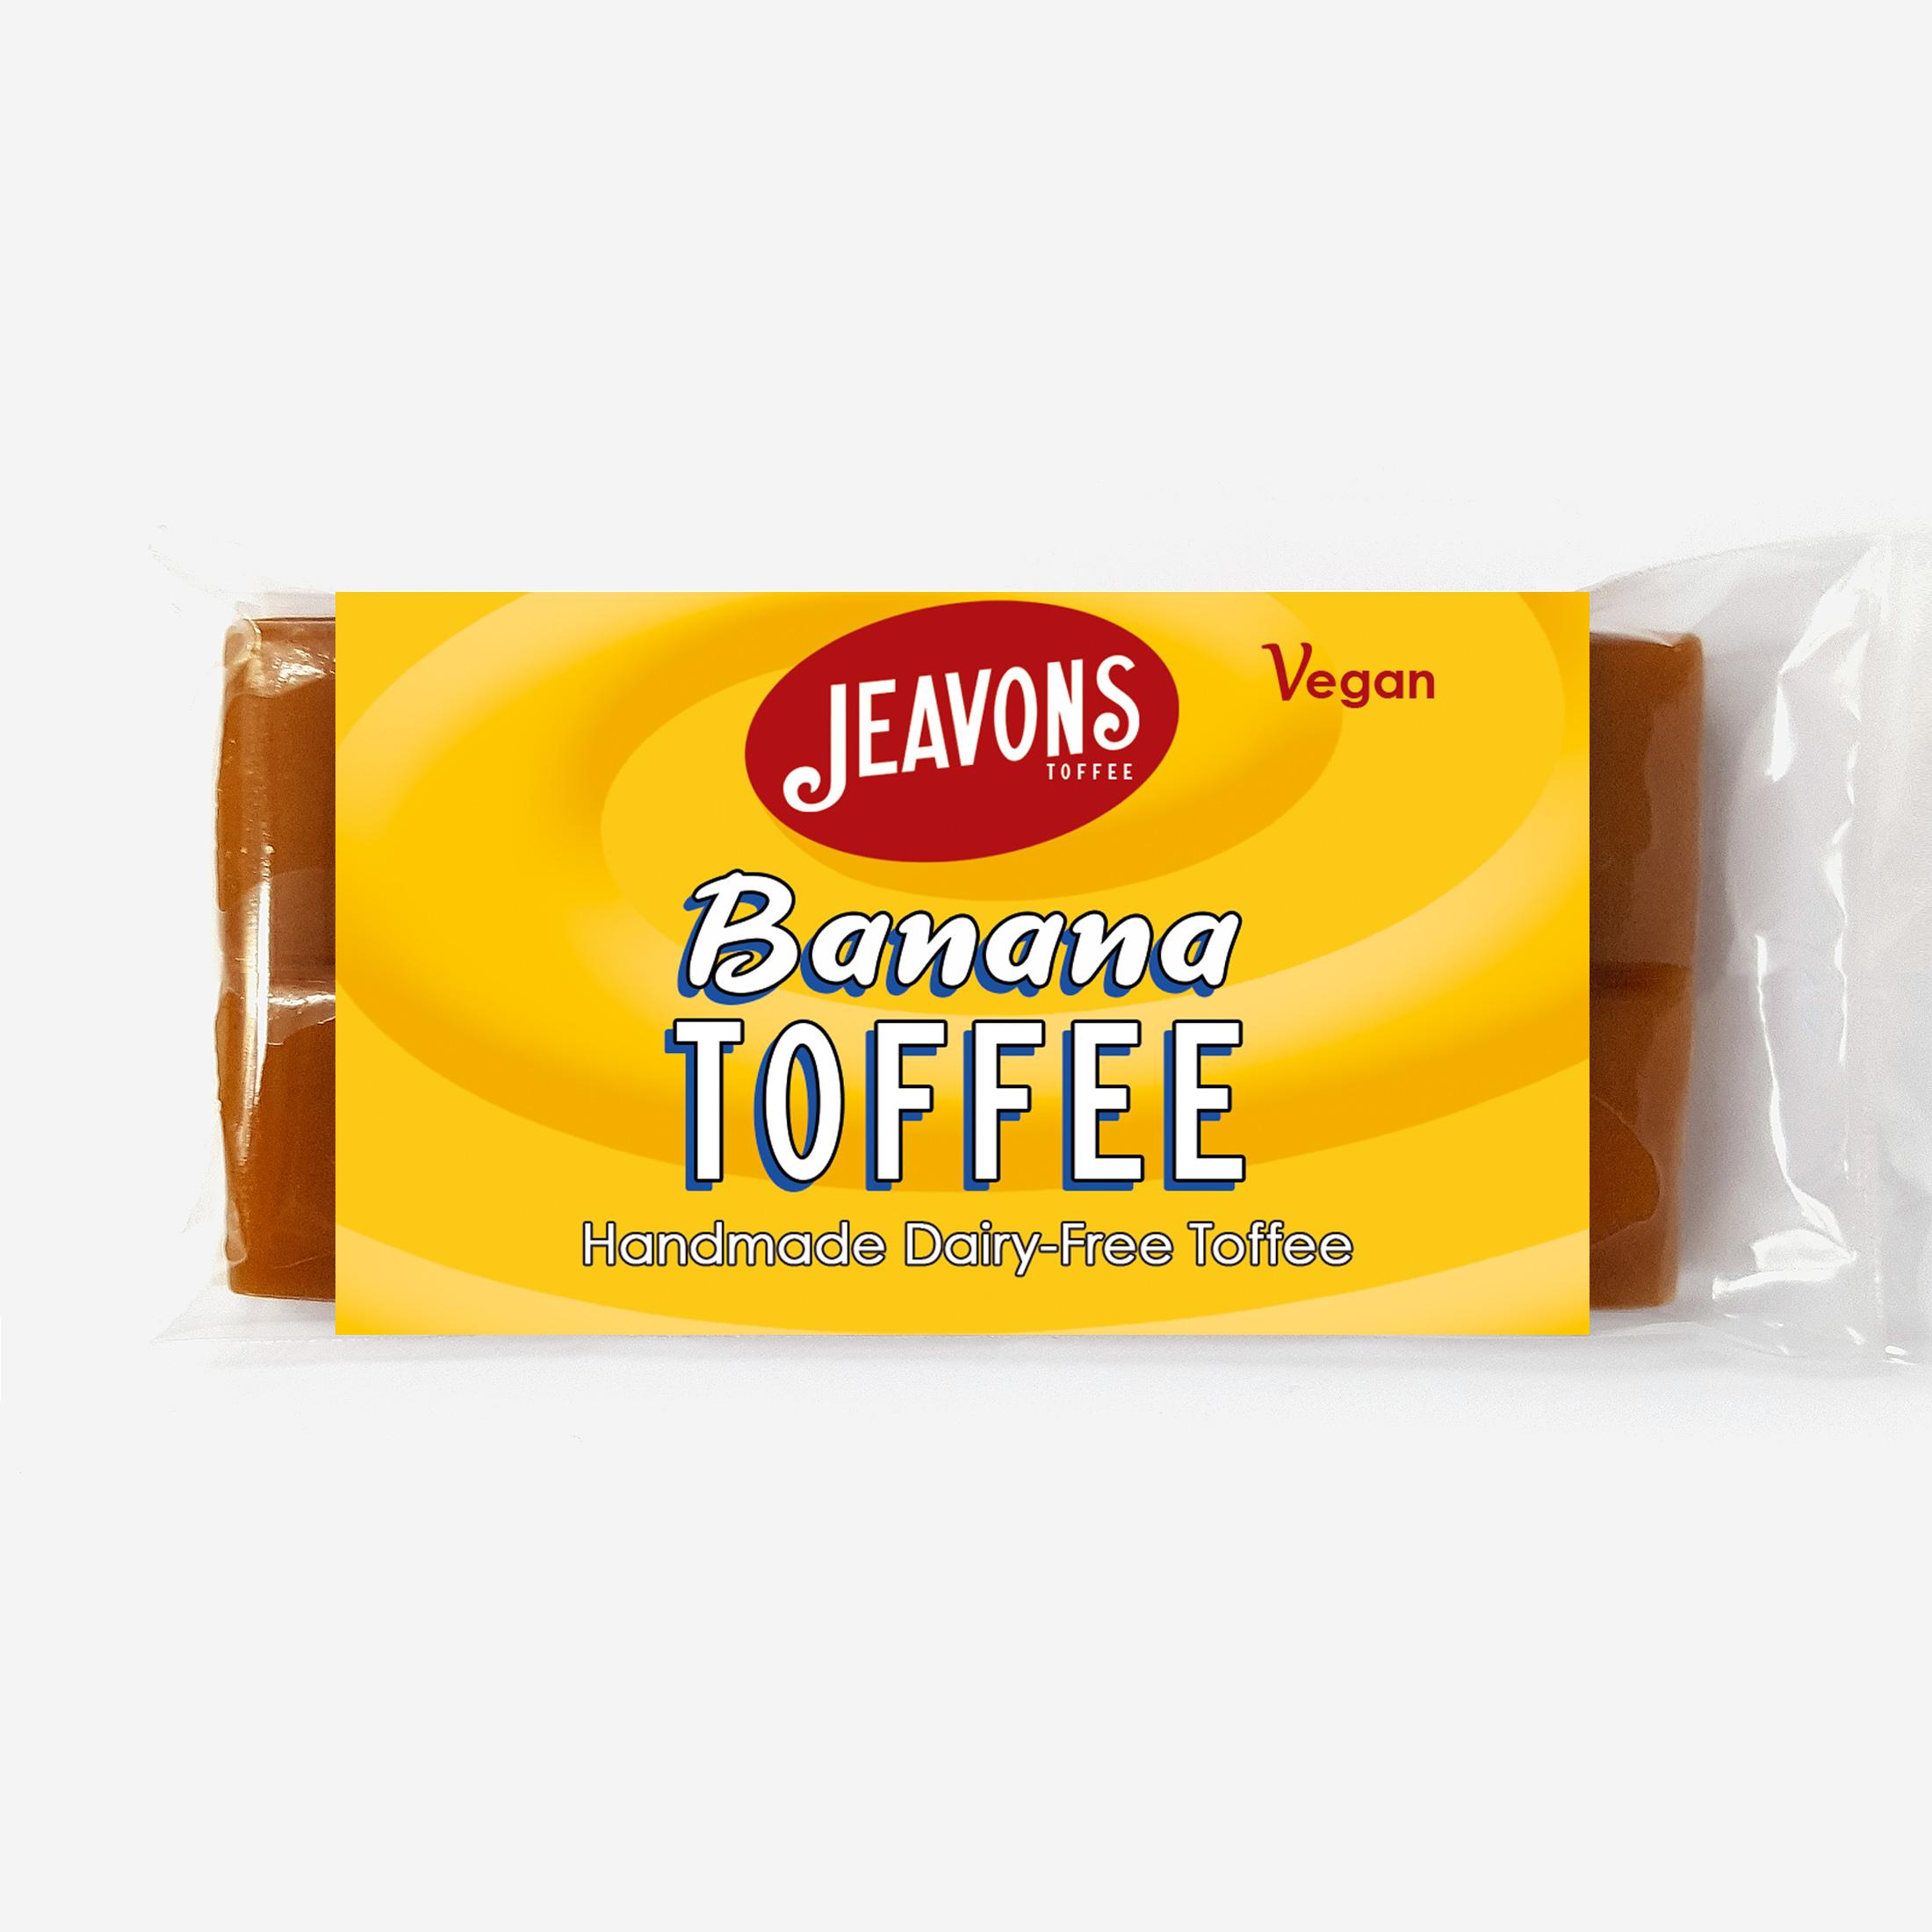 Jeavons - Banana Toffee